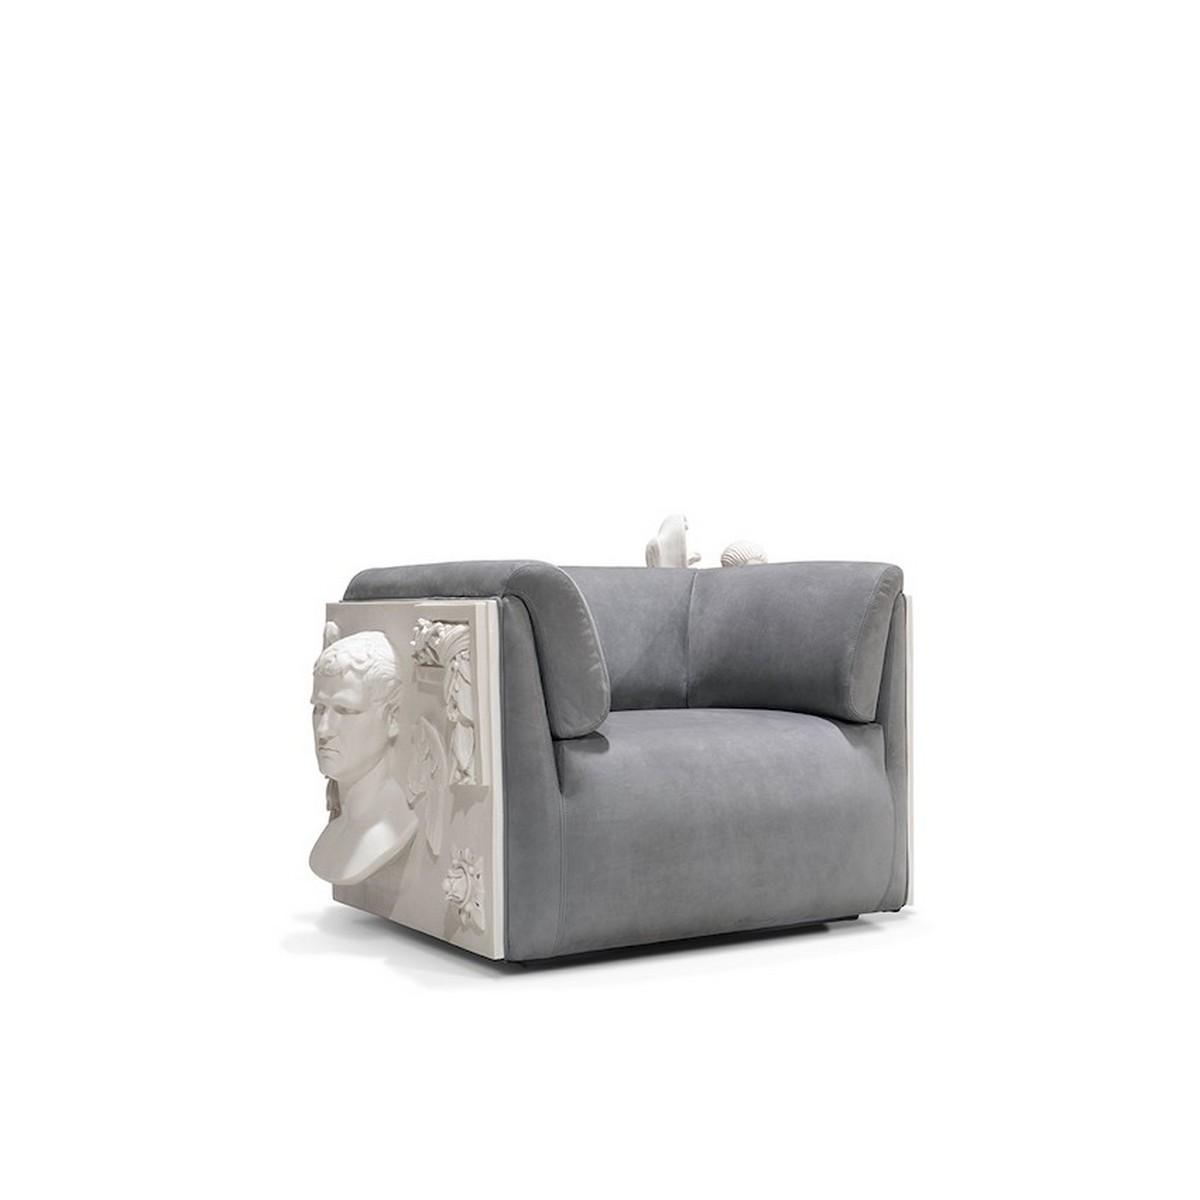 Ideas para Interiores: Belleza para un proyecto lujuoso con Texturas ideas para interiores Ideas para Interiores: Belleza para un proyecto lujuoso con Texturas versailles armchair 01